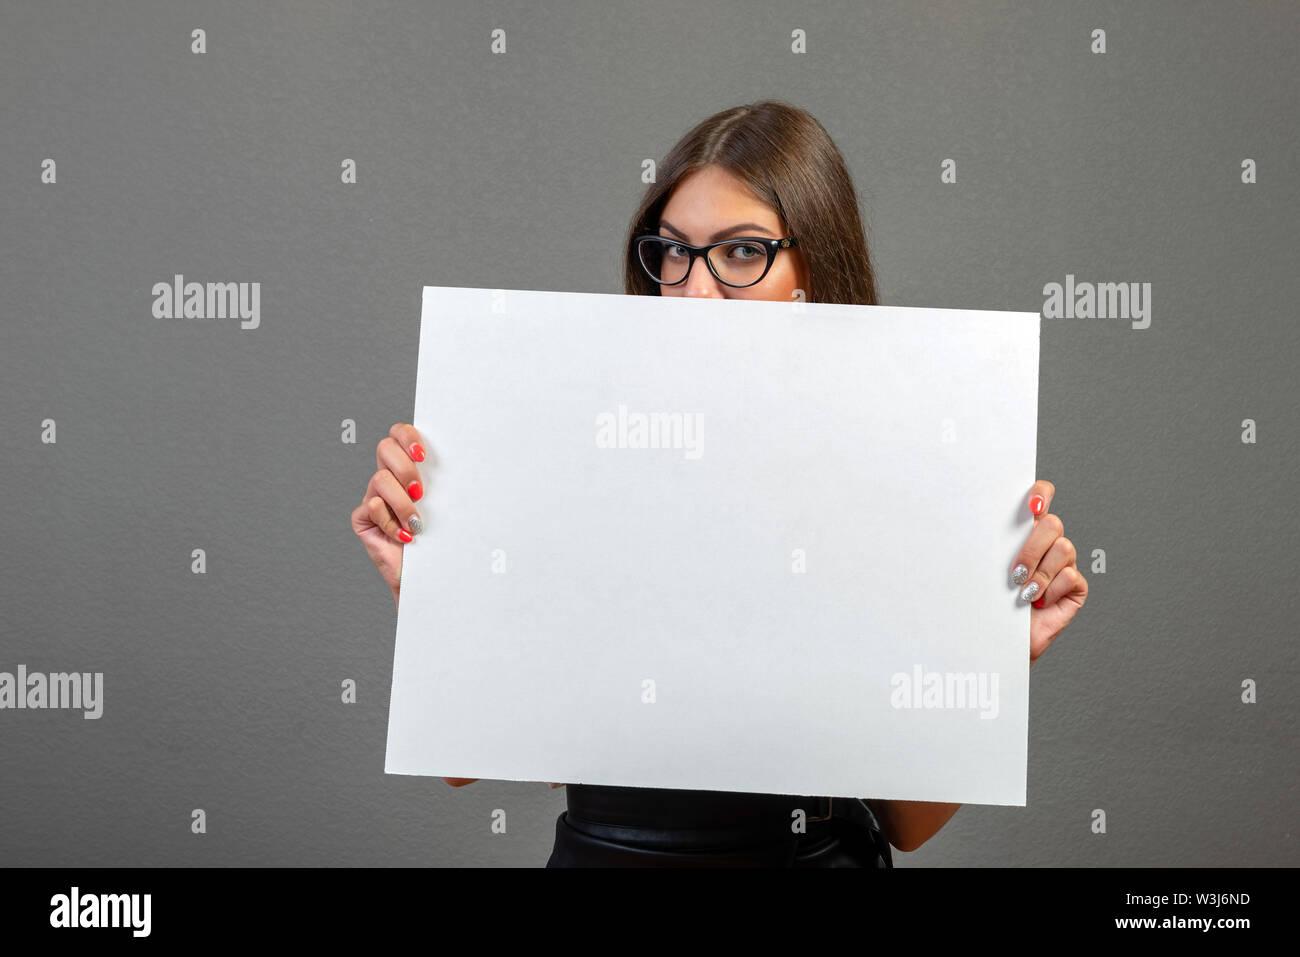 Schöne Frau mit einem leeren Plakat auf grauem Hintergrund. Stockbild